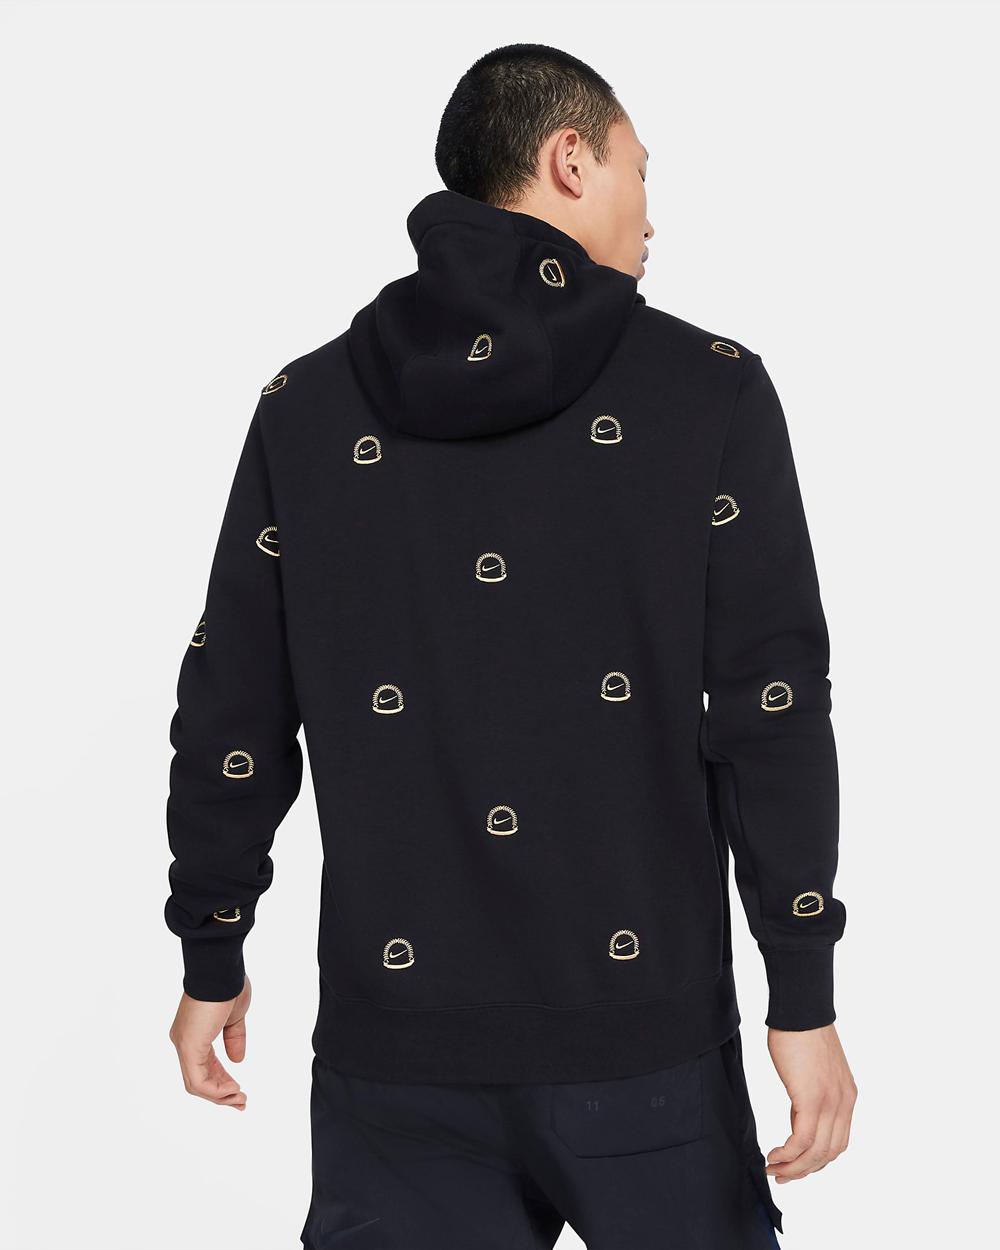 nike-club-fleece-hoodie-black-gold-2